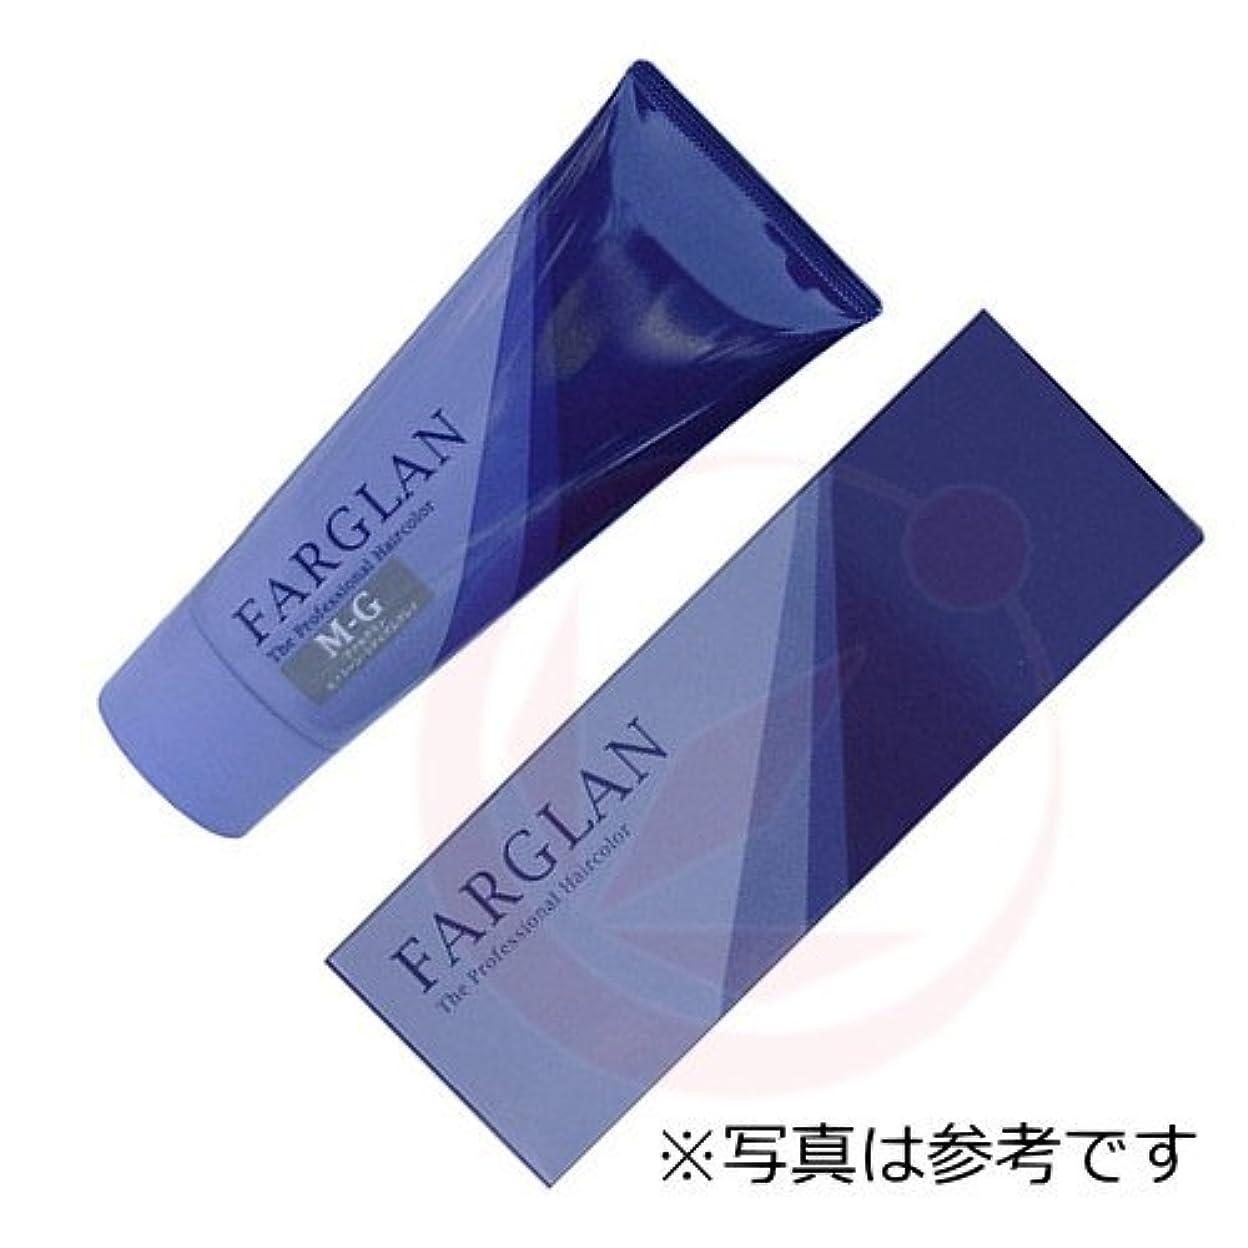 ソース思慮のない四分円ミルボン ファルグラン 酸性ヘアカラー 160g(ヘアマニキュア) ペールパープル P-P